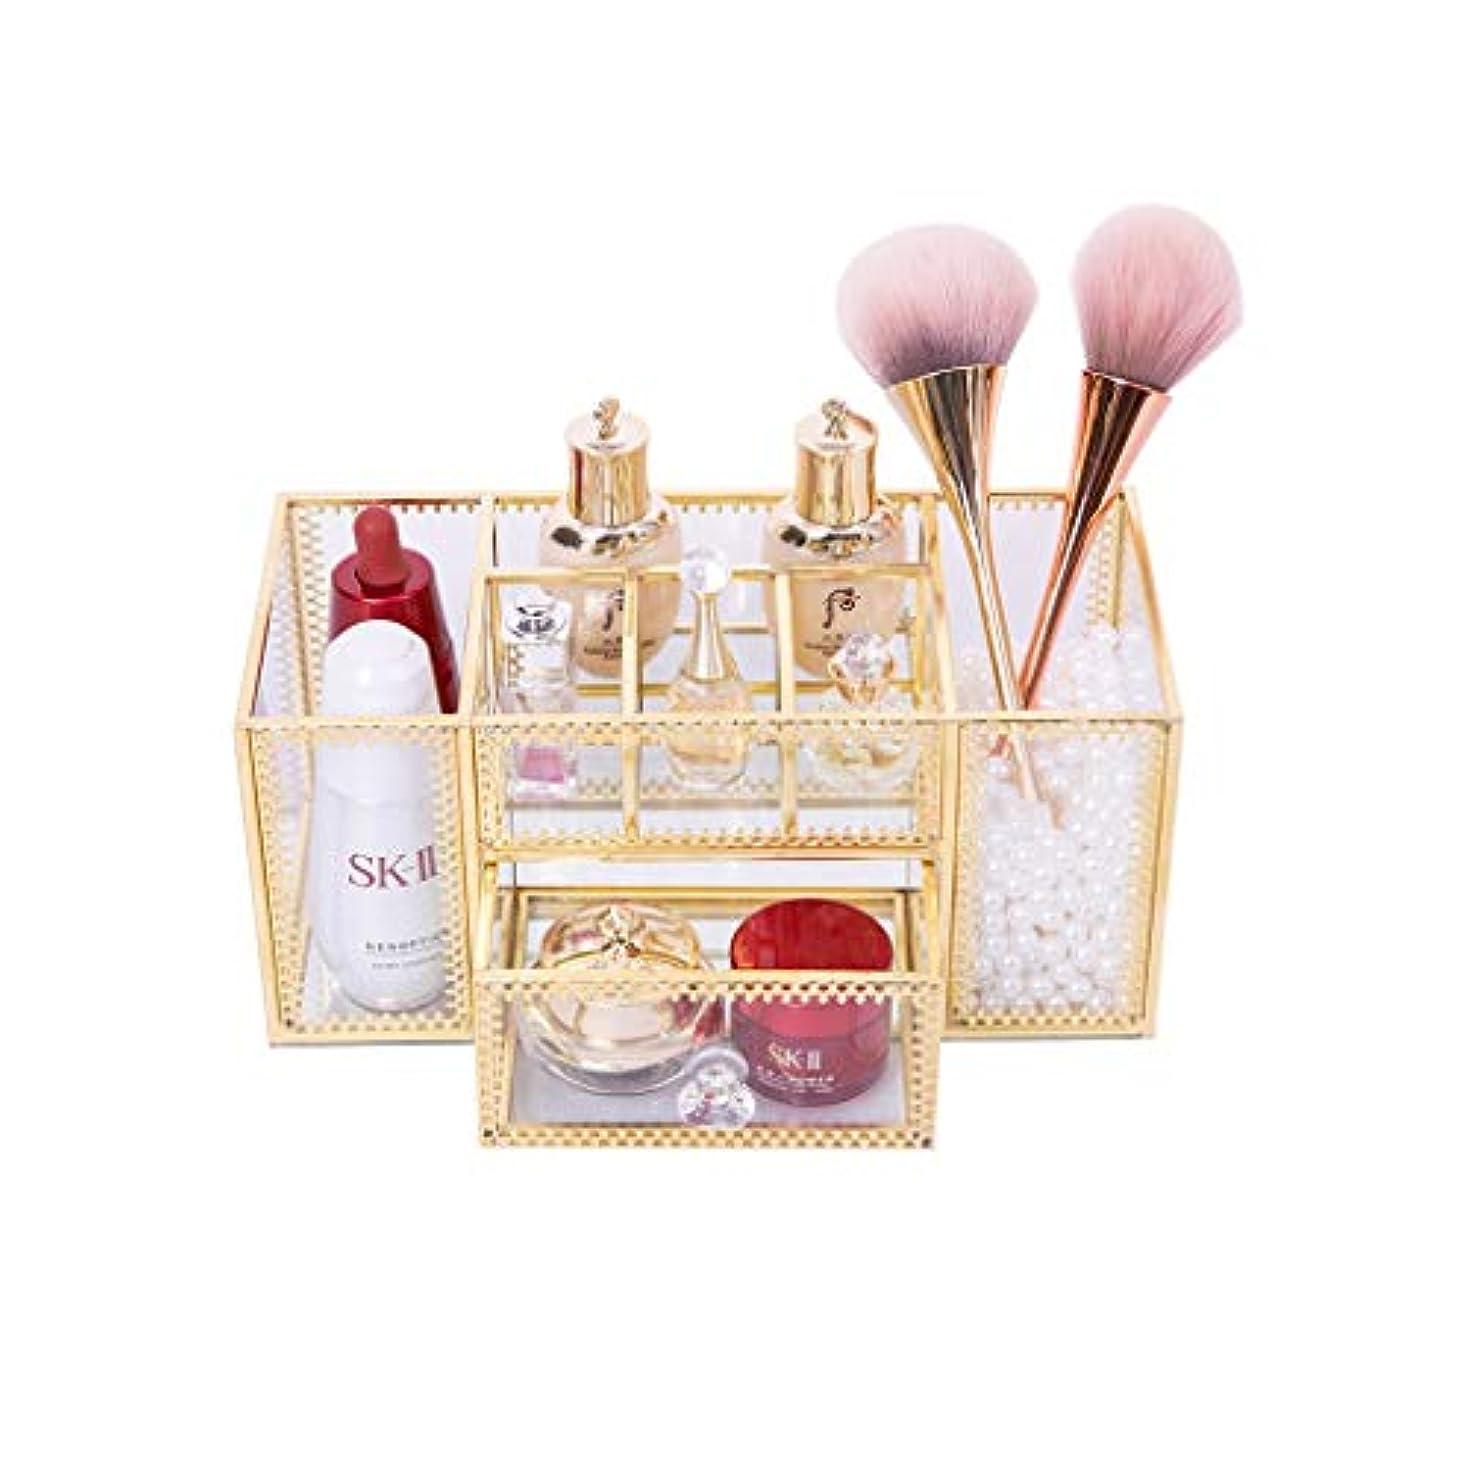 振りかけるバンジョーダルセット化粧台化粧ブラシチューブガラスデスクトップラックスキンケア製品収納ボックス